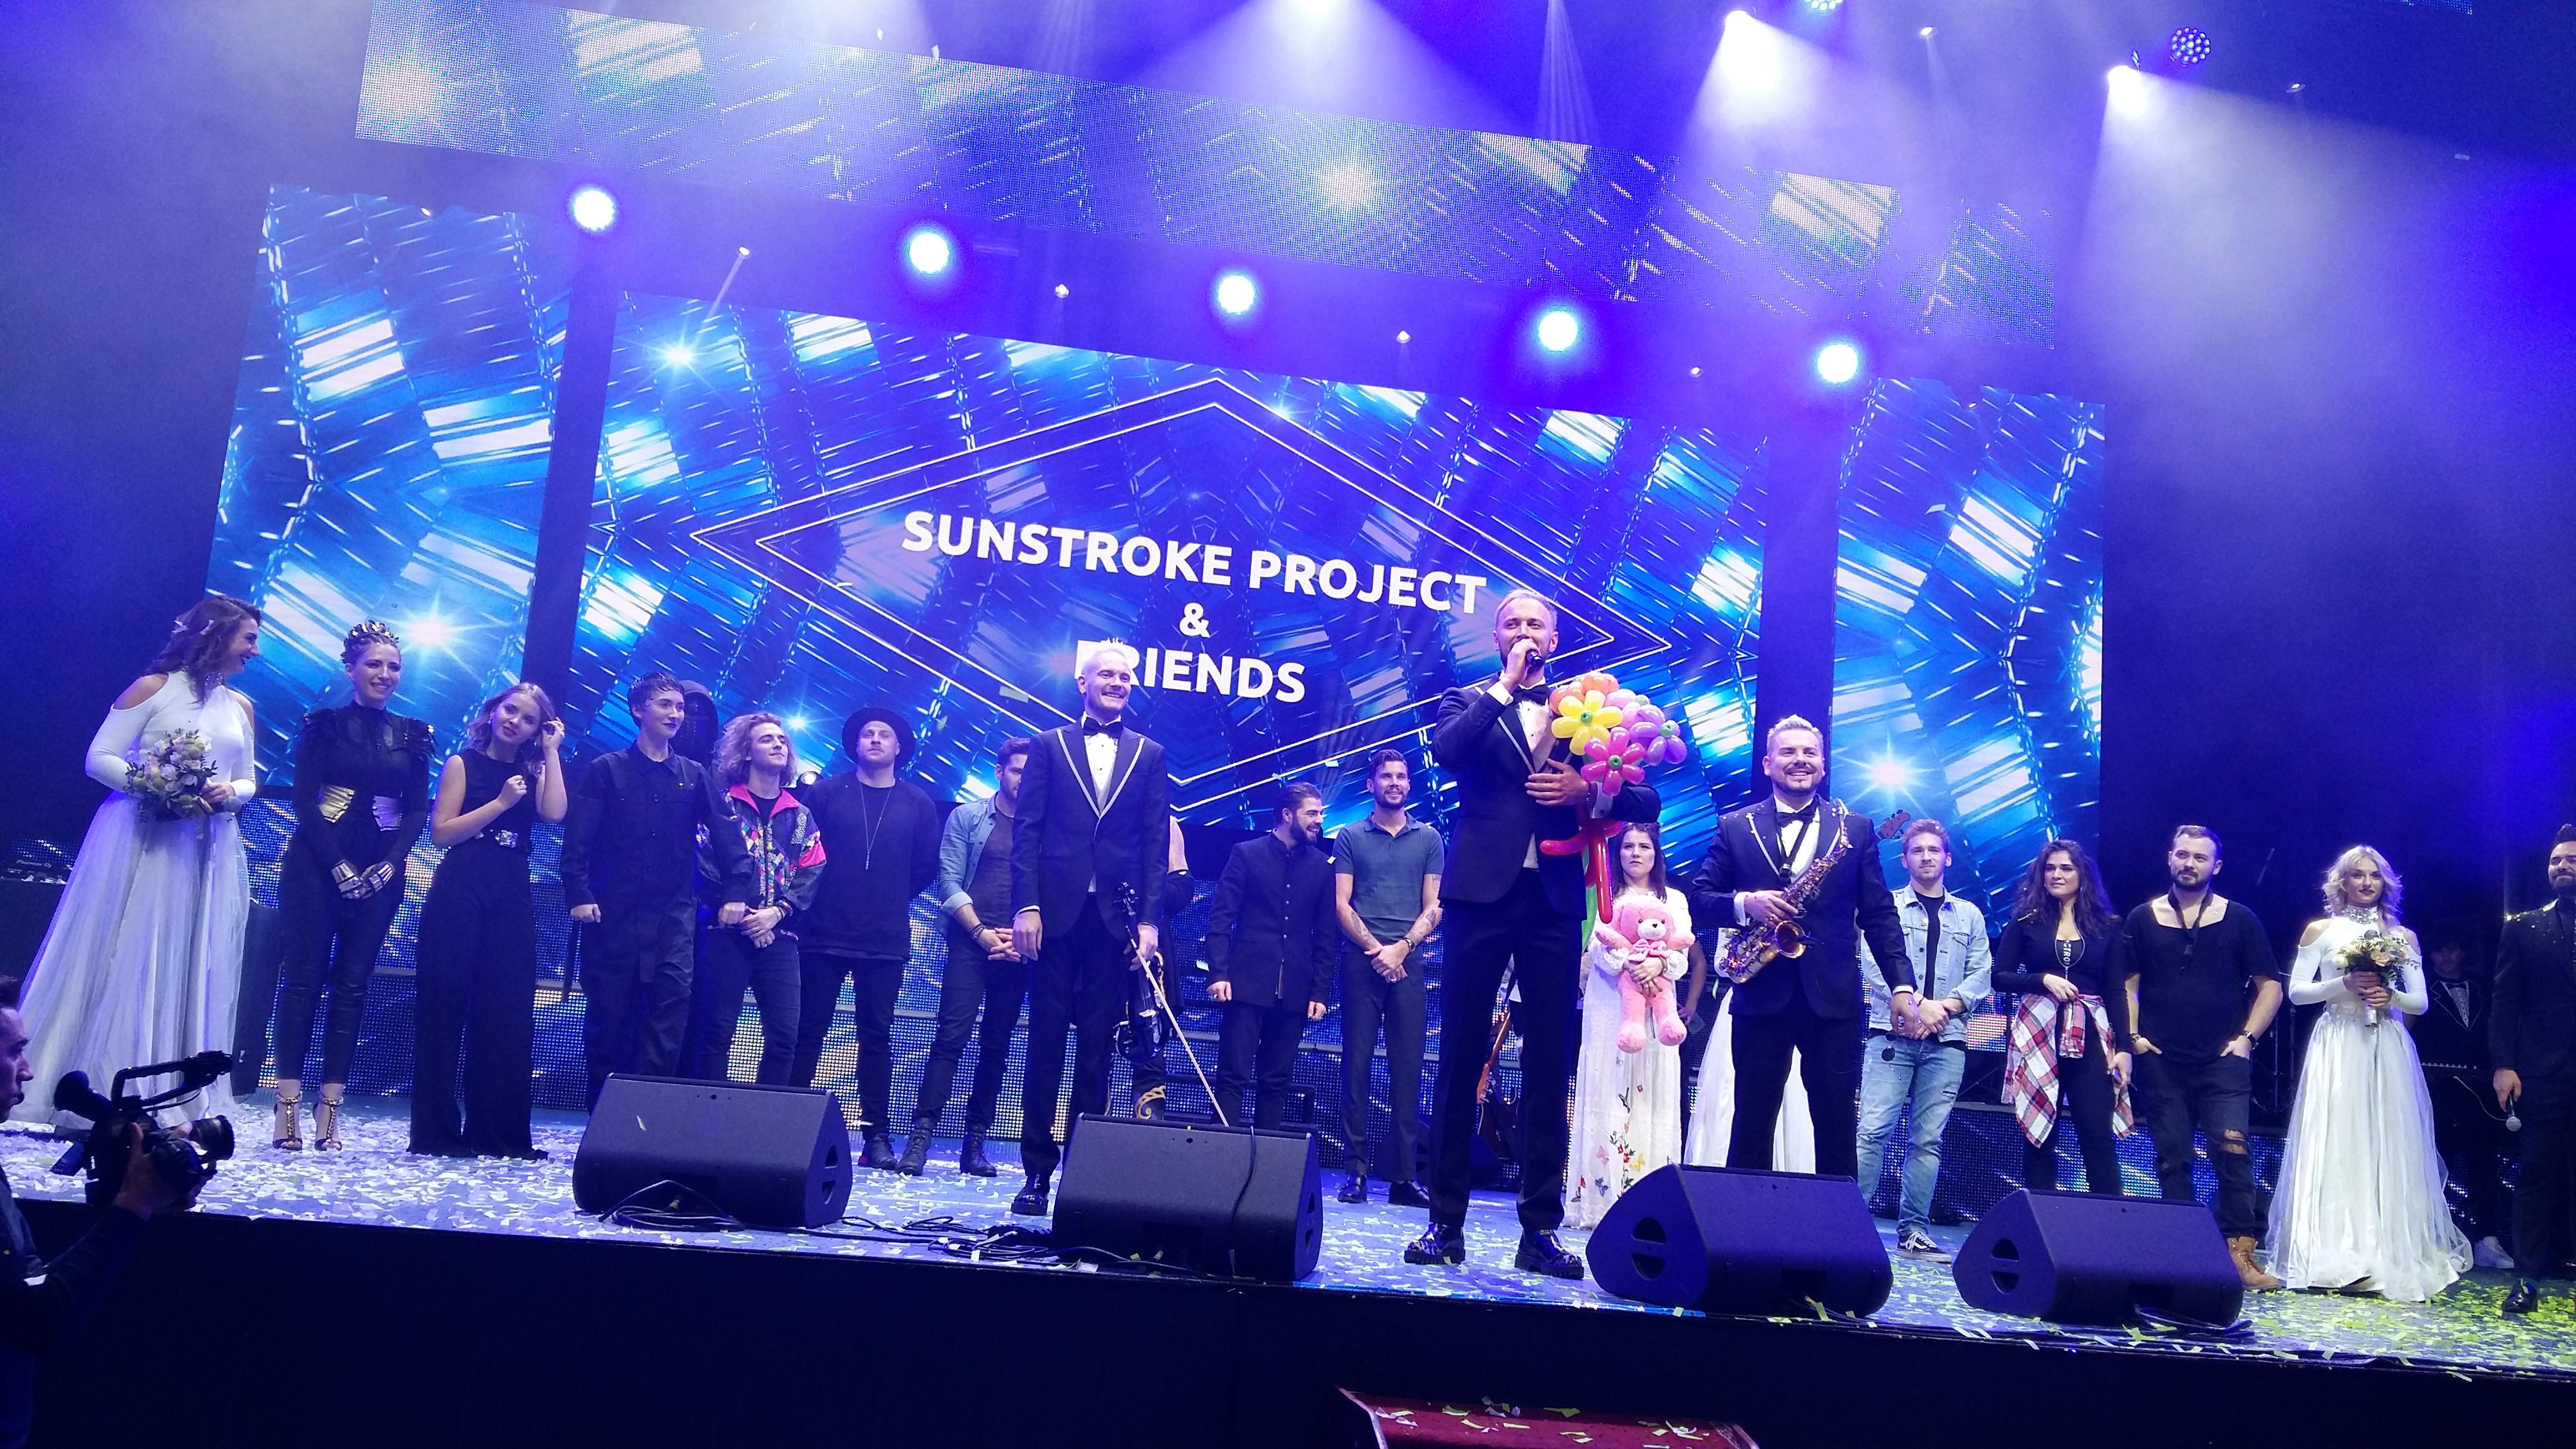 EXCLUSIV! Sunstroke Project au aniversat 10 ani de succes  intr-un super show alaturi de o parte din participantii la Eurovision 2017 | FOTO & VIDEO